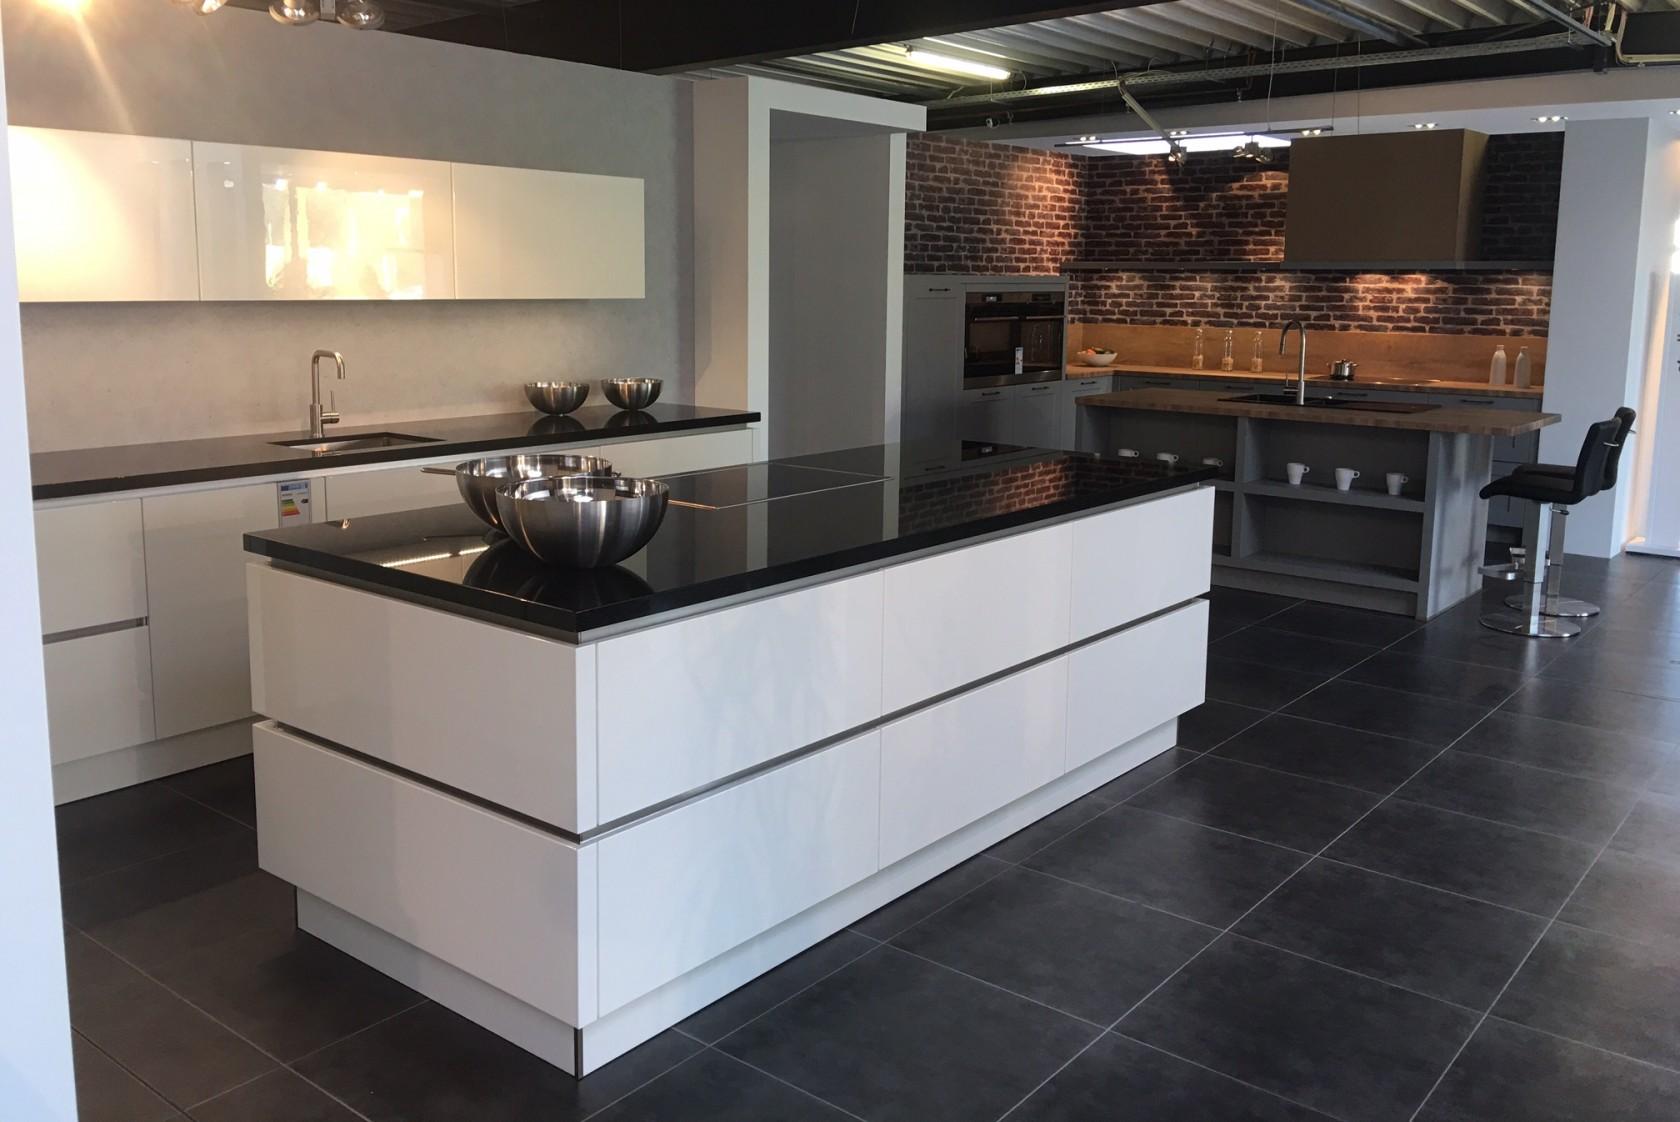 ber uns k chen nordhorn m bel nordhorn m bel faber. Black Bedroom Furniture Sets. Home Design Ideas